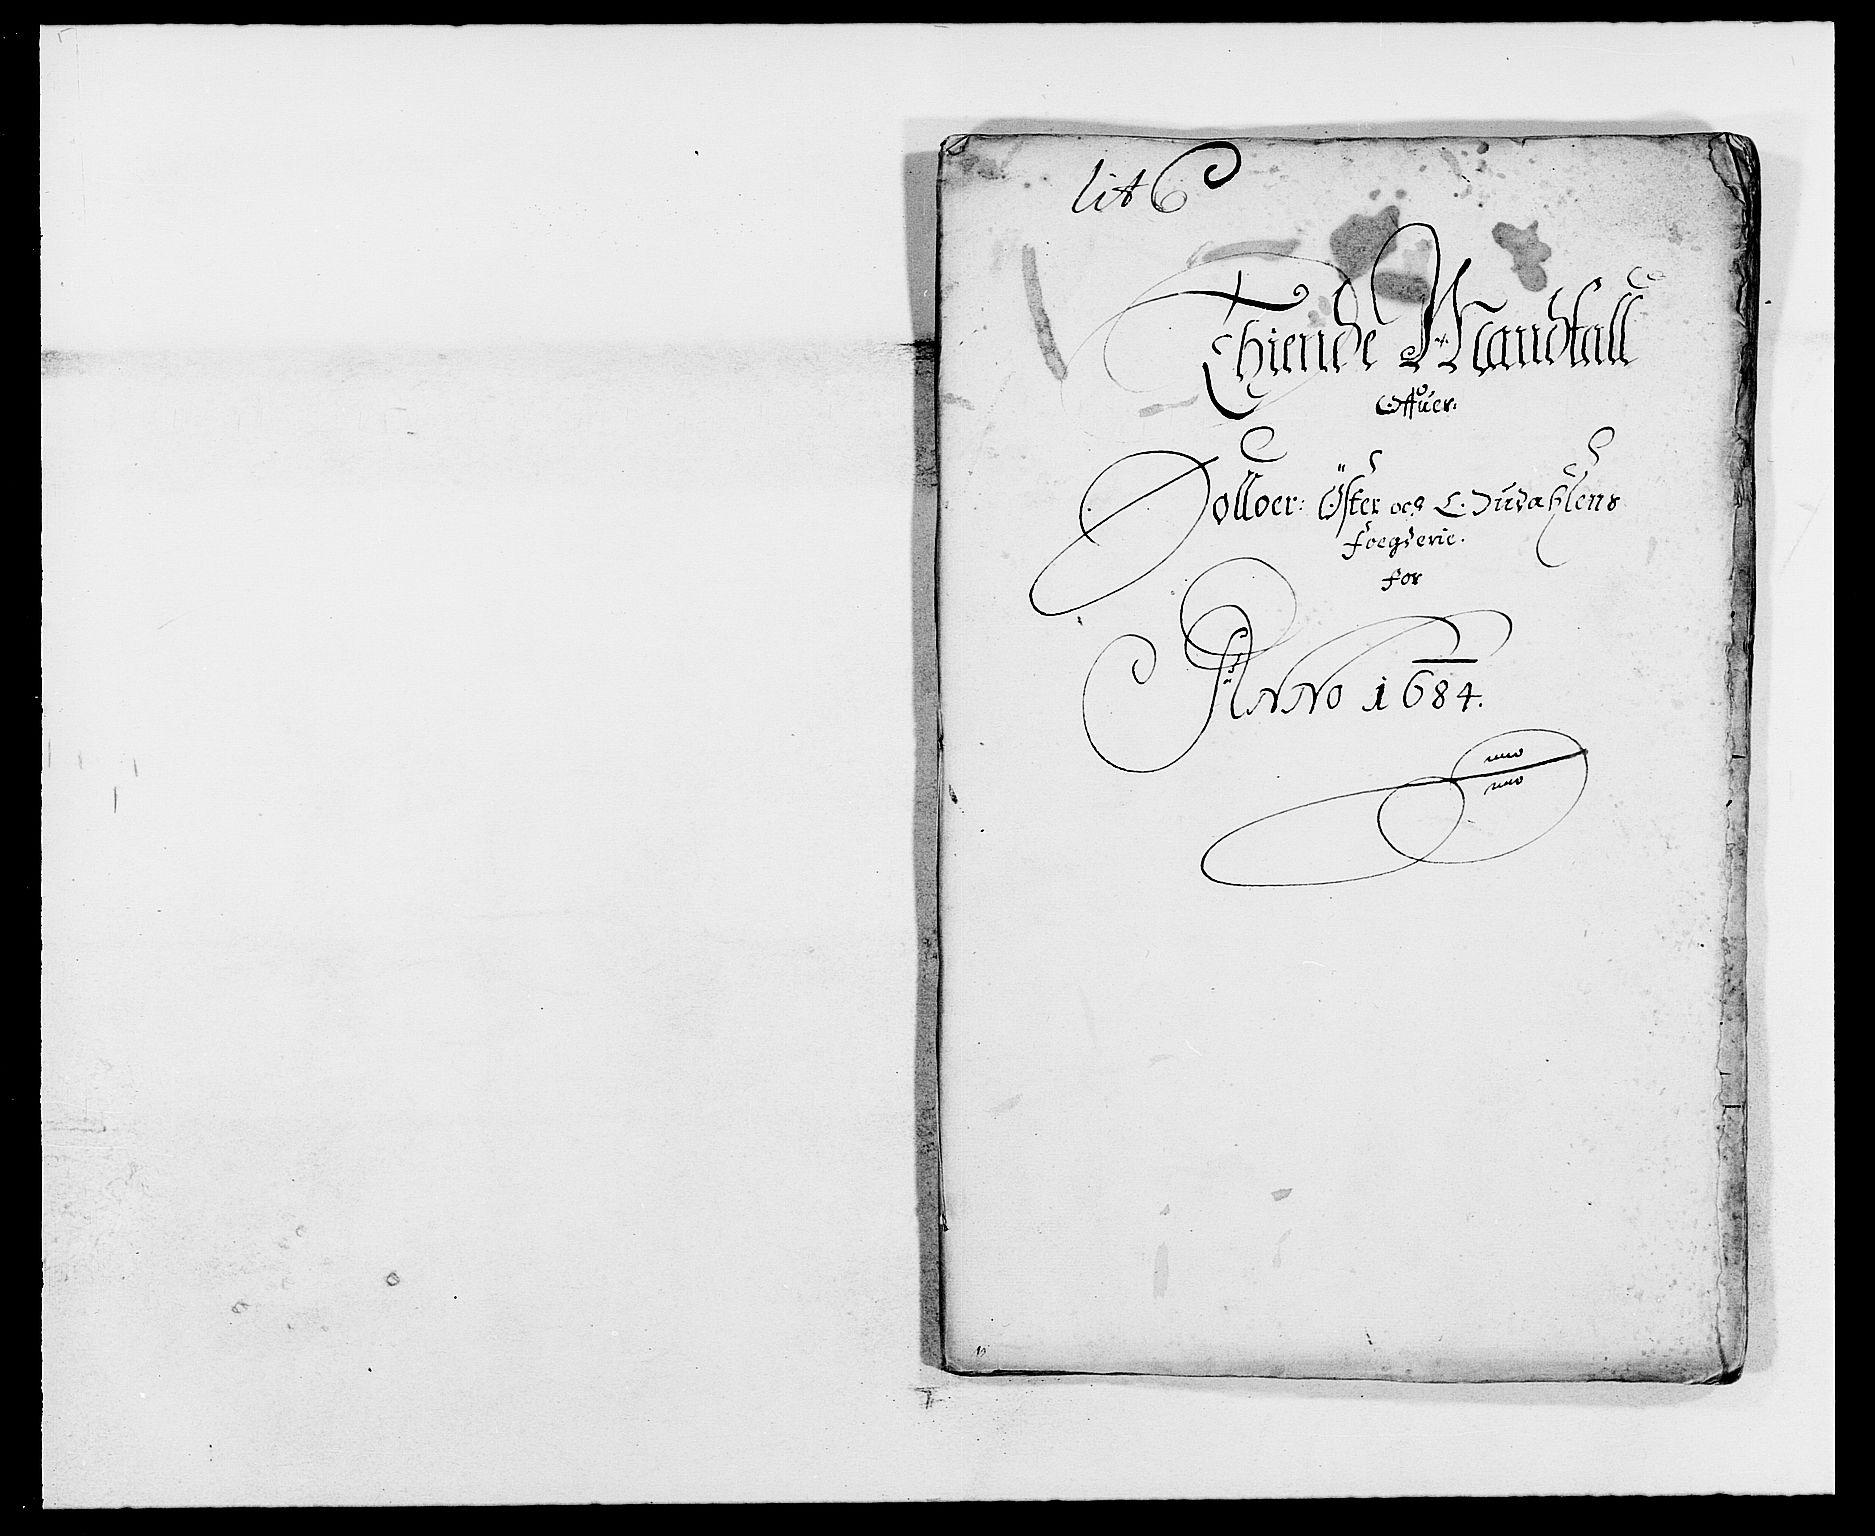 RA, Rentekammeret inntil 1814, Reviderte regnskaper, Fogderegnskap, R13/L0821: Fogderegnskap Solør, Odal og Østerdal, 1684, s. 148